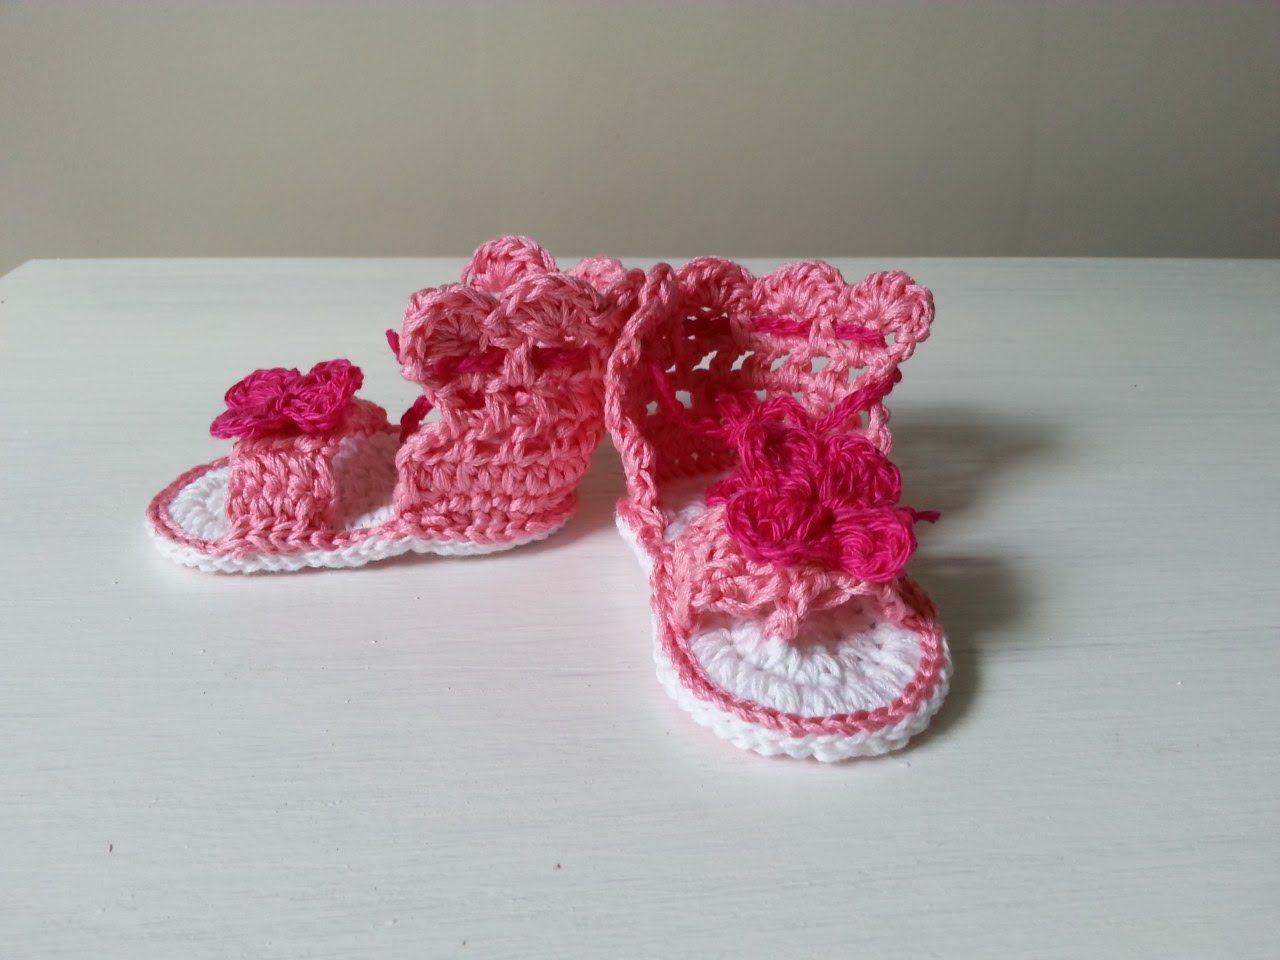 Sandalki Na Szydelku Dzieciece Cz 2 3 Szydelko Crochet Videos Tutorials Crochet Tutorial Crochet Videos